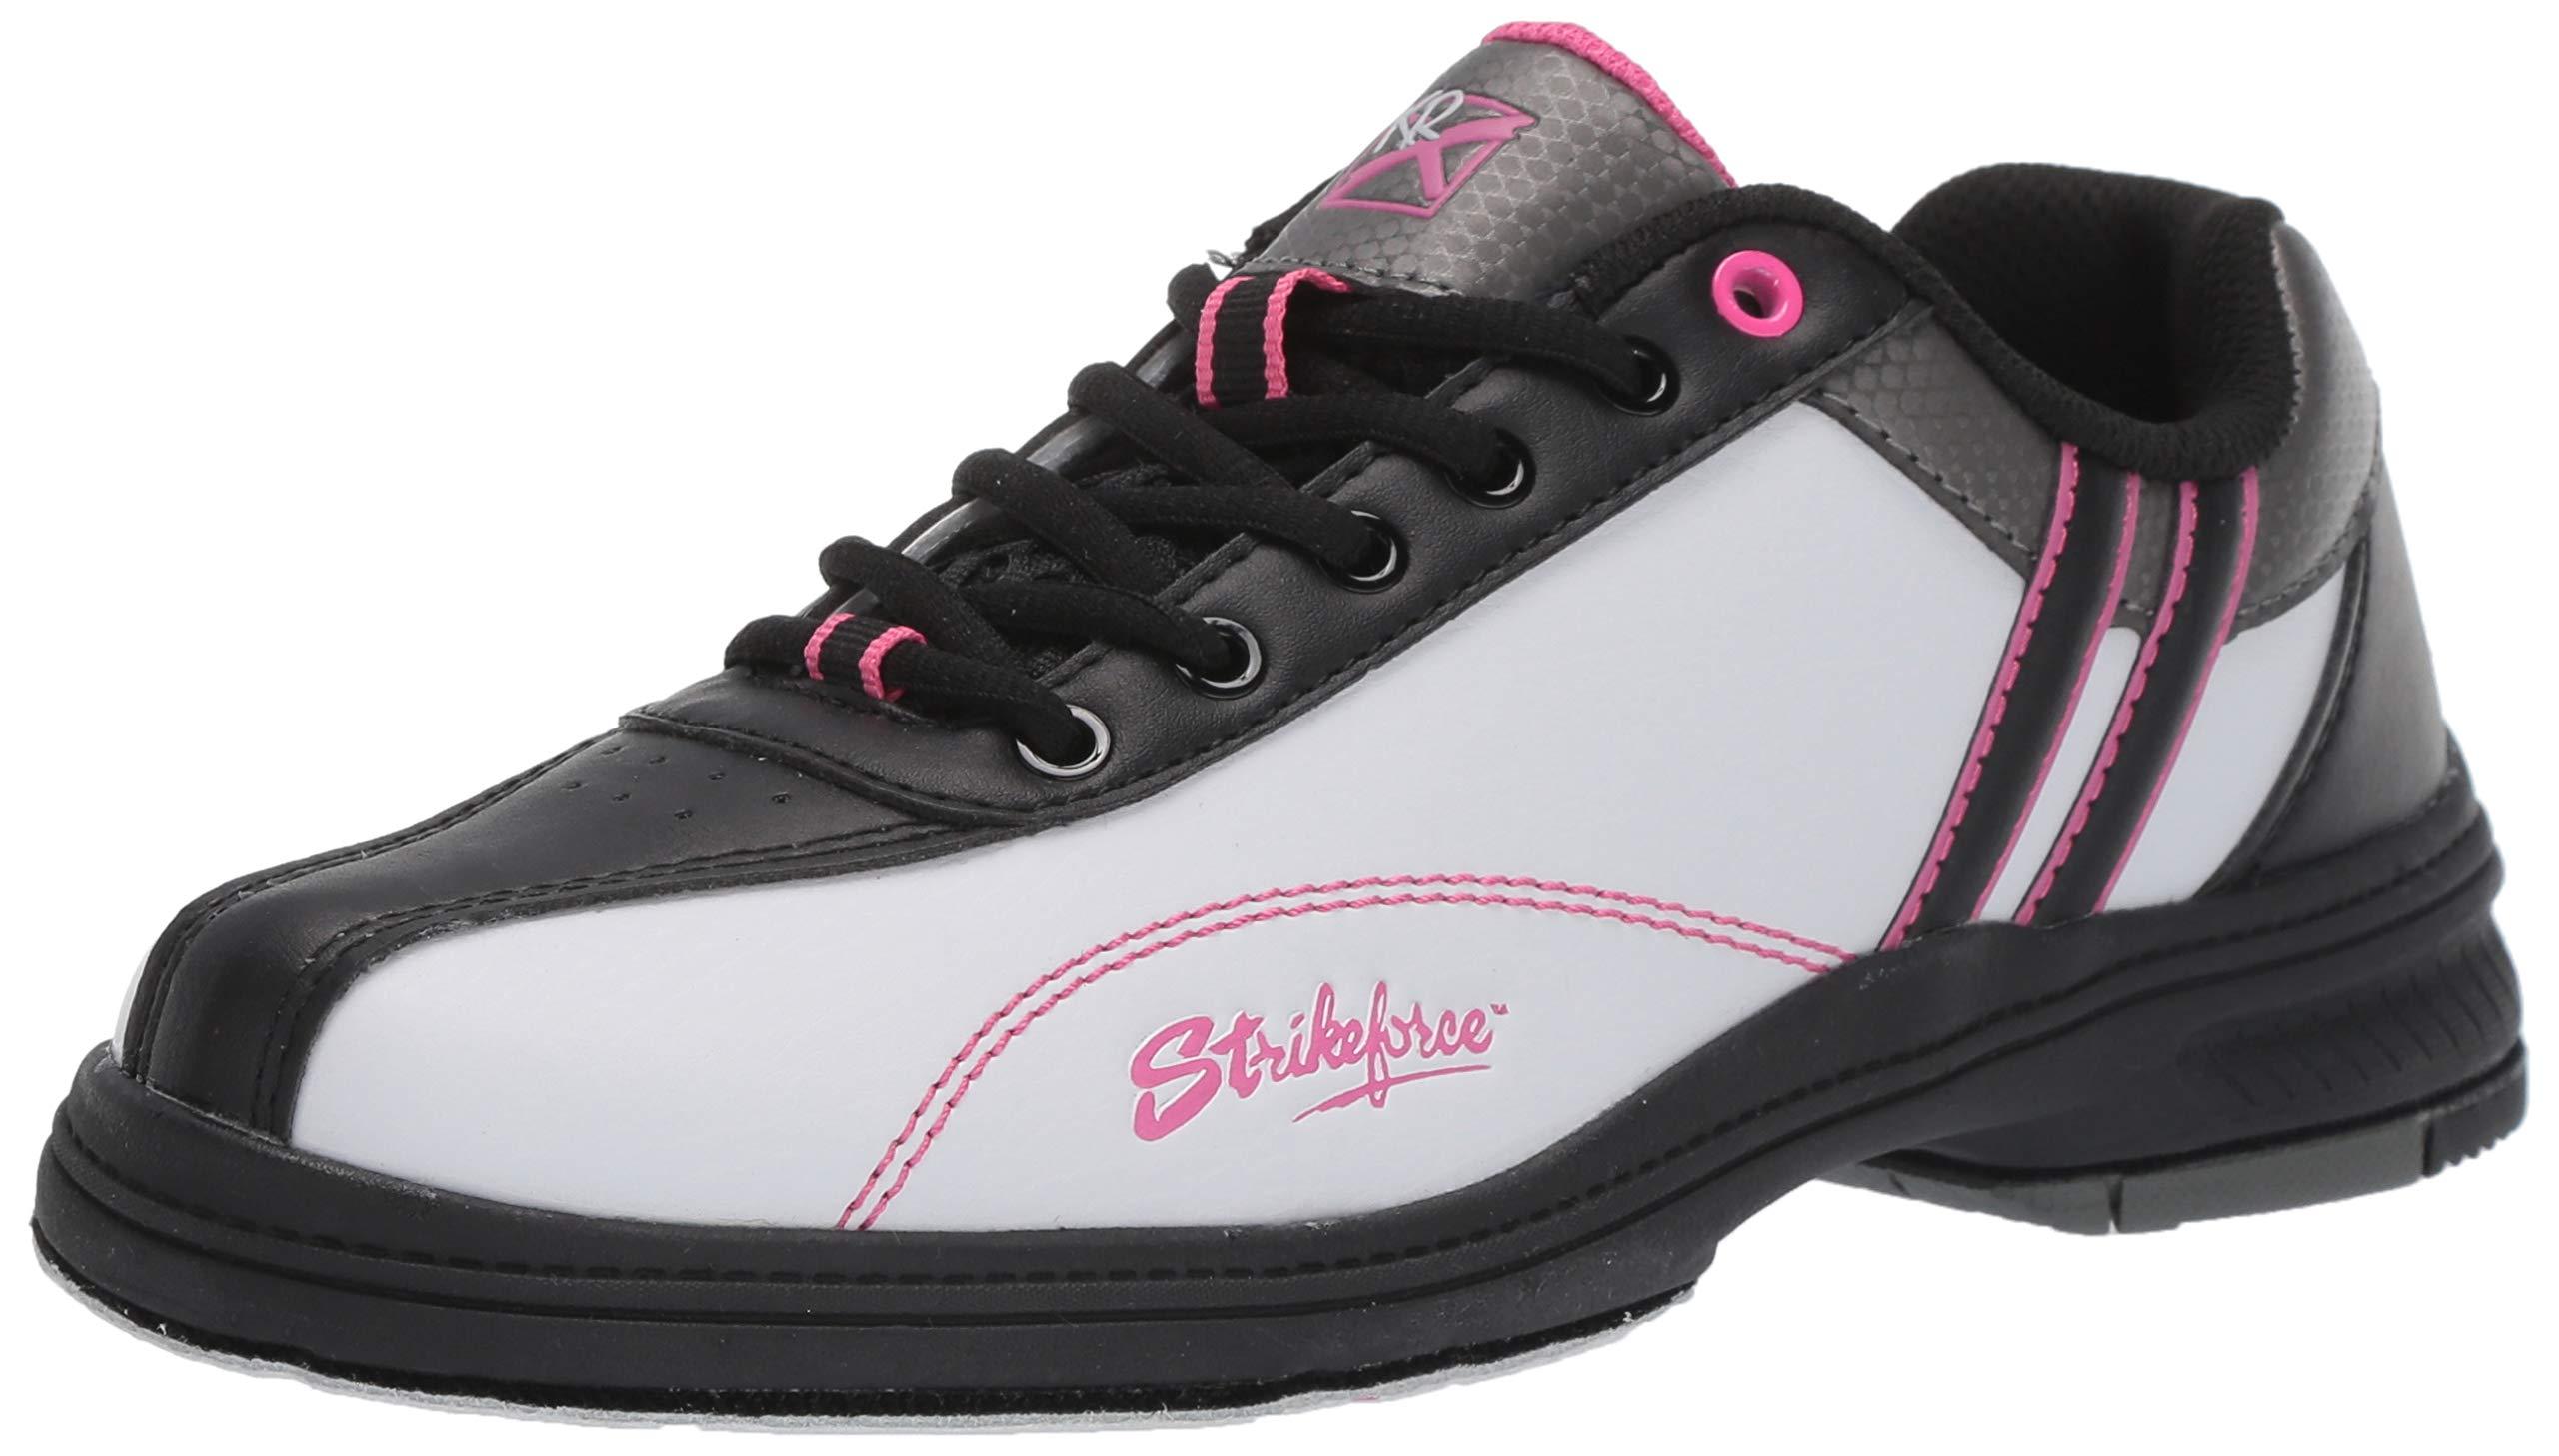 KR Strikeforce L-901-085 Starr Bowling Shoes, White/Black/Pink, Size 8.5